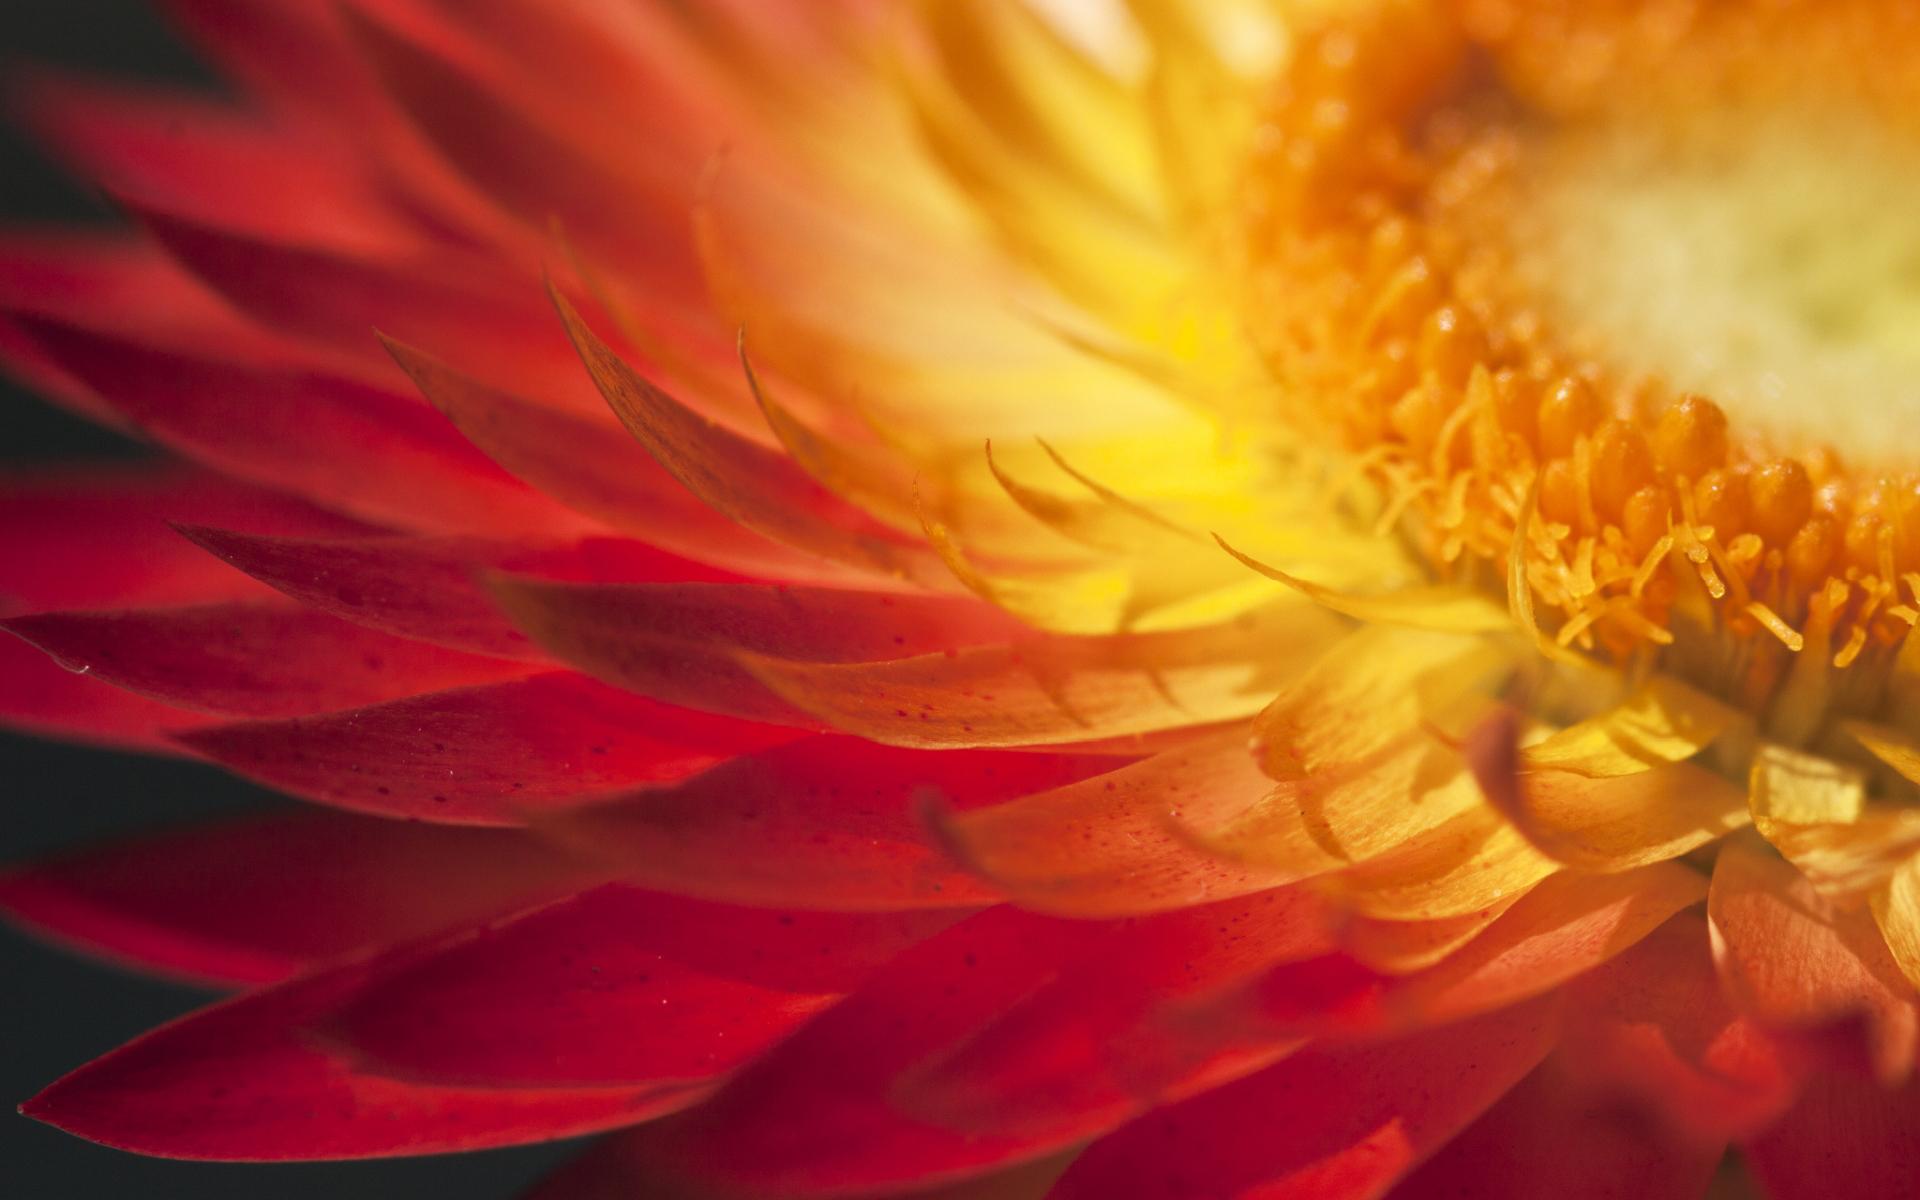 sunshine wallpaper petals